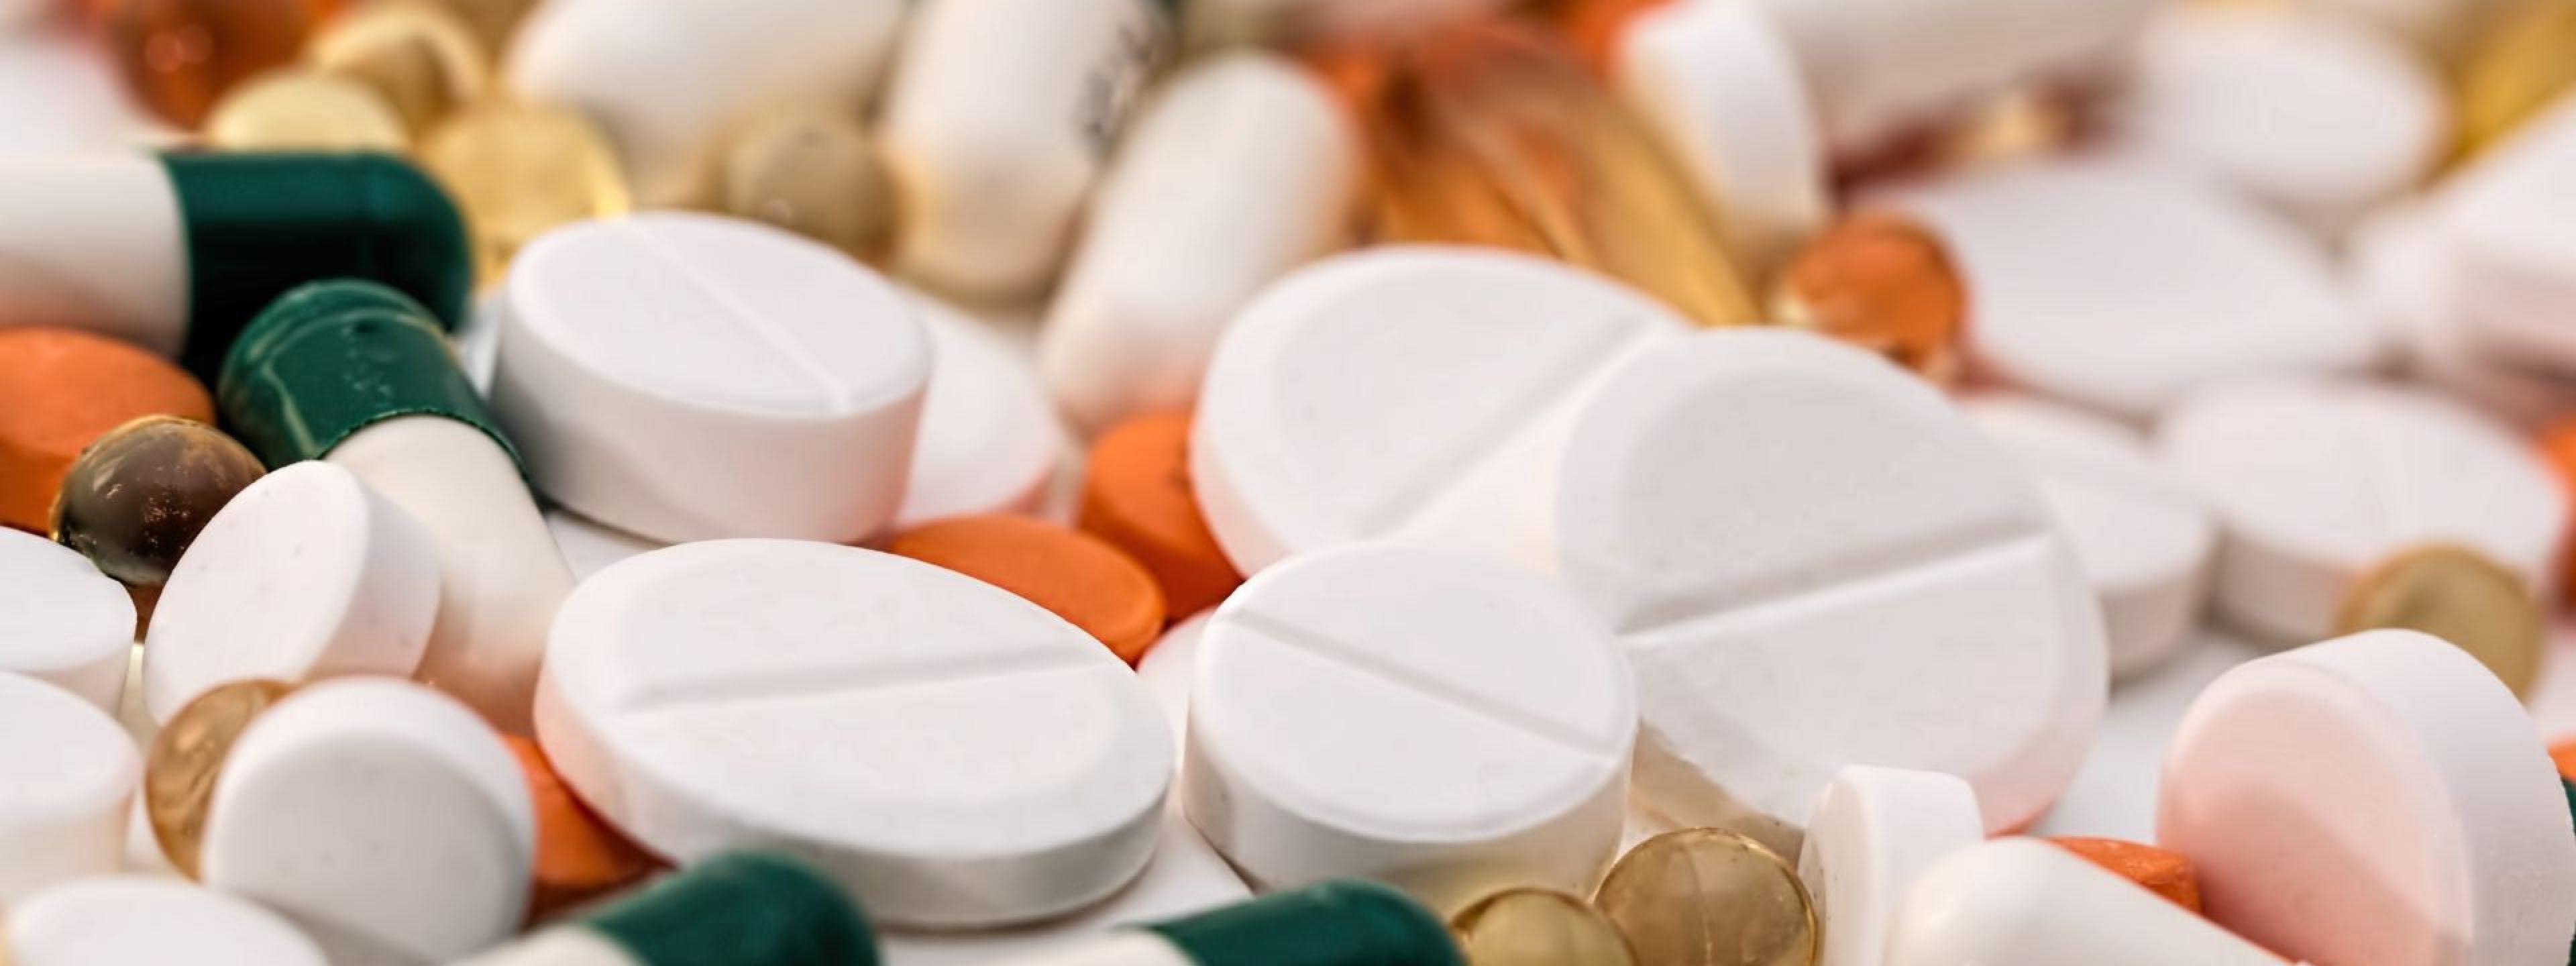 Thuiszorg - ABR Zorgnetwerken Antibioticaresistentie NH-FL